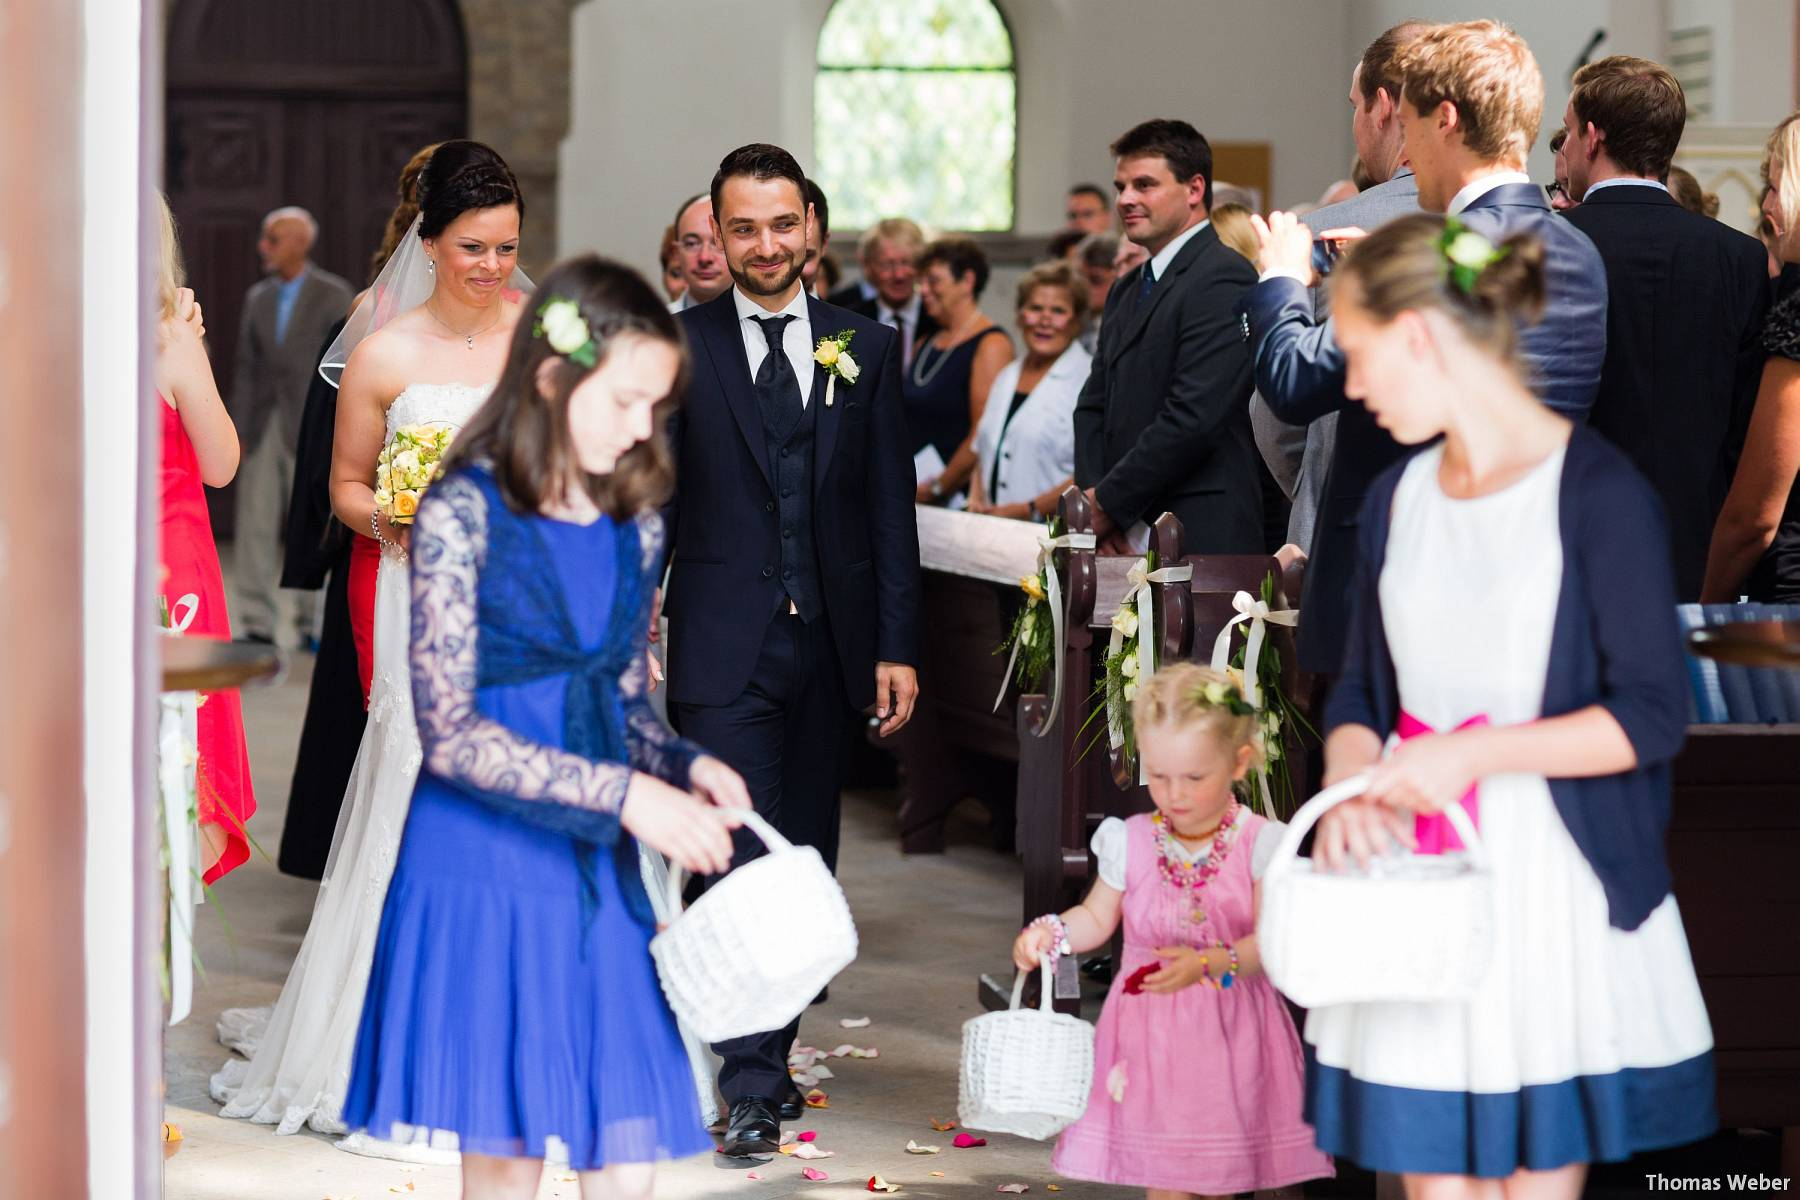 Hochzeitsfotograf Oldenburg: Kirchliche Trauung in der Garnisonkirche Oldenburg und Feier im Landhaus Etzhorn Oldenburg (21)